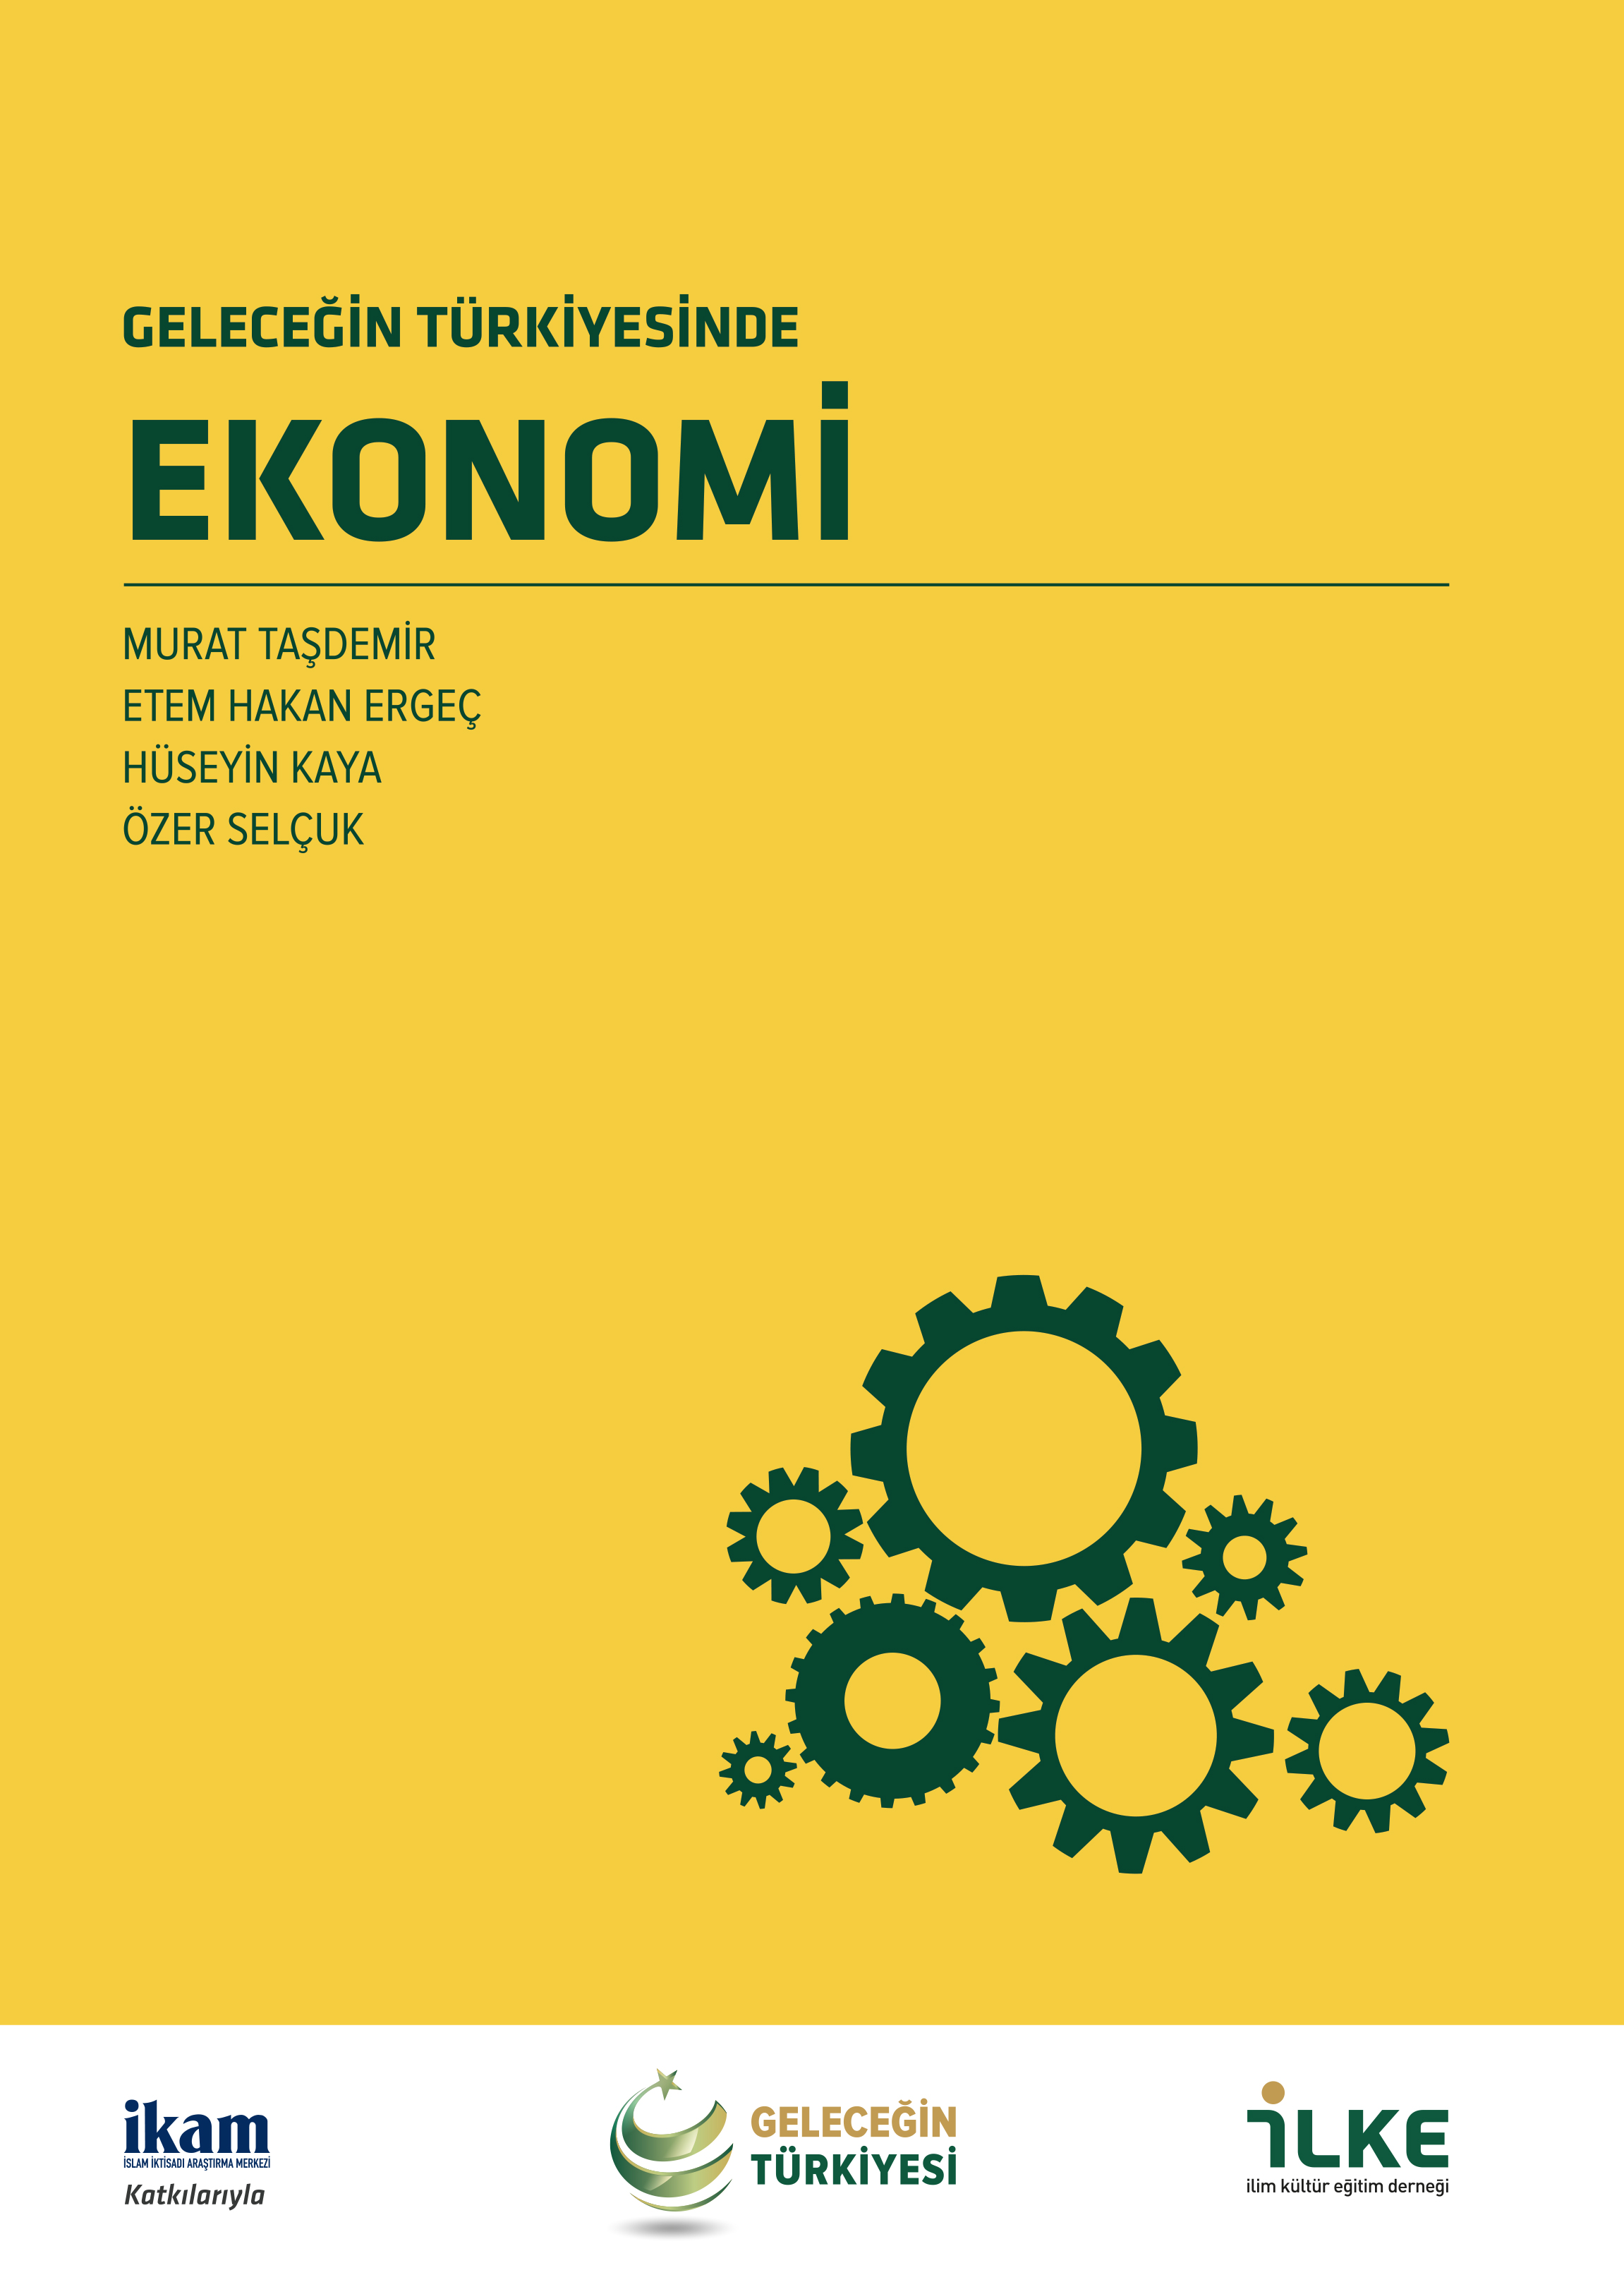 Geleceğin Türkiyesinde Ekonomi